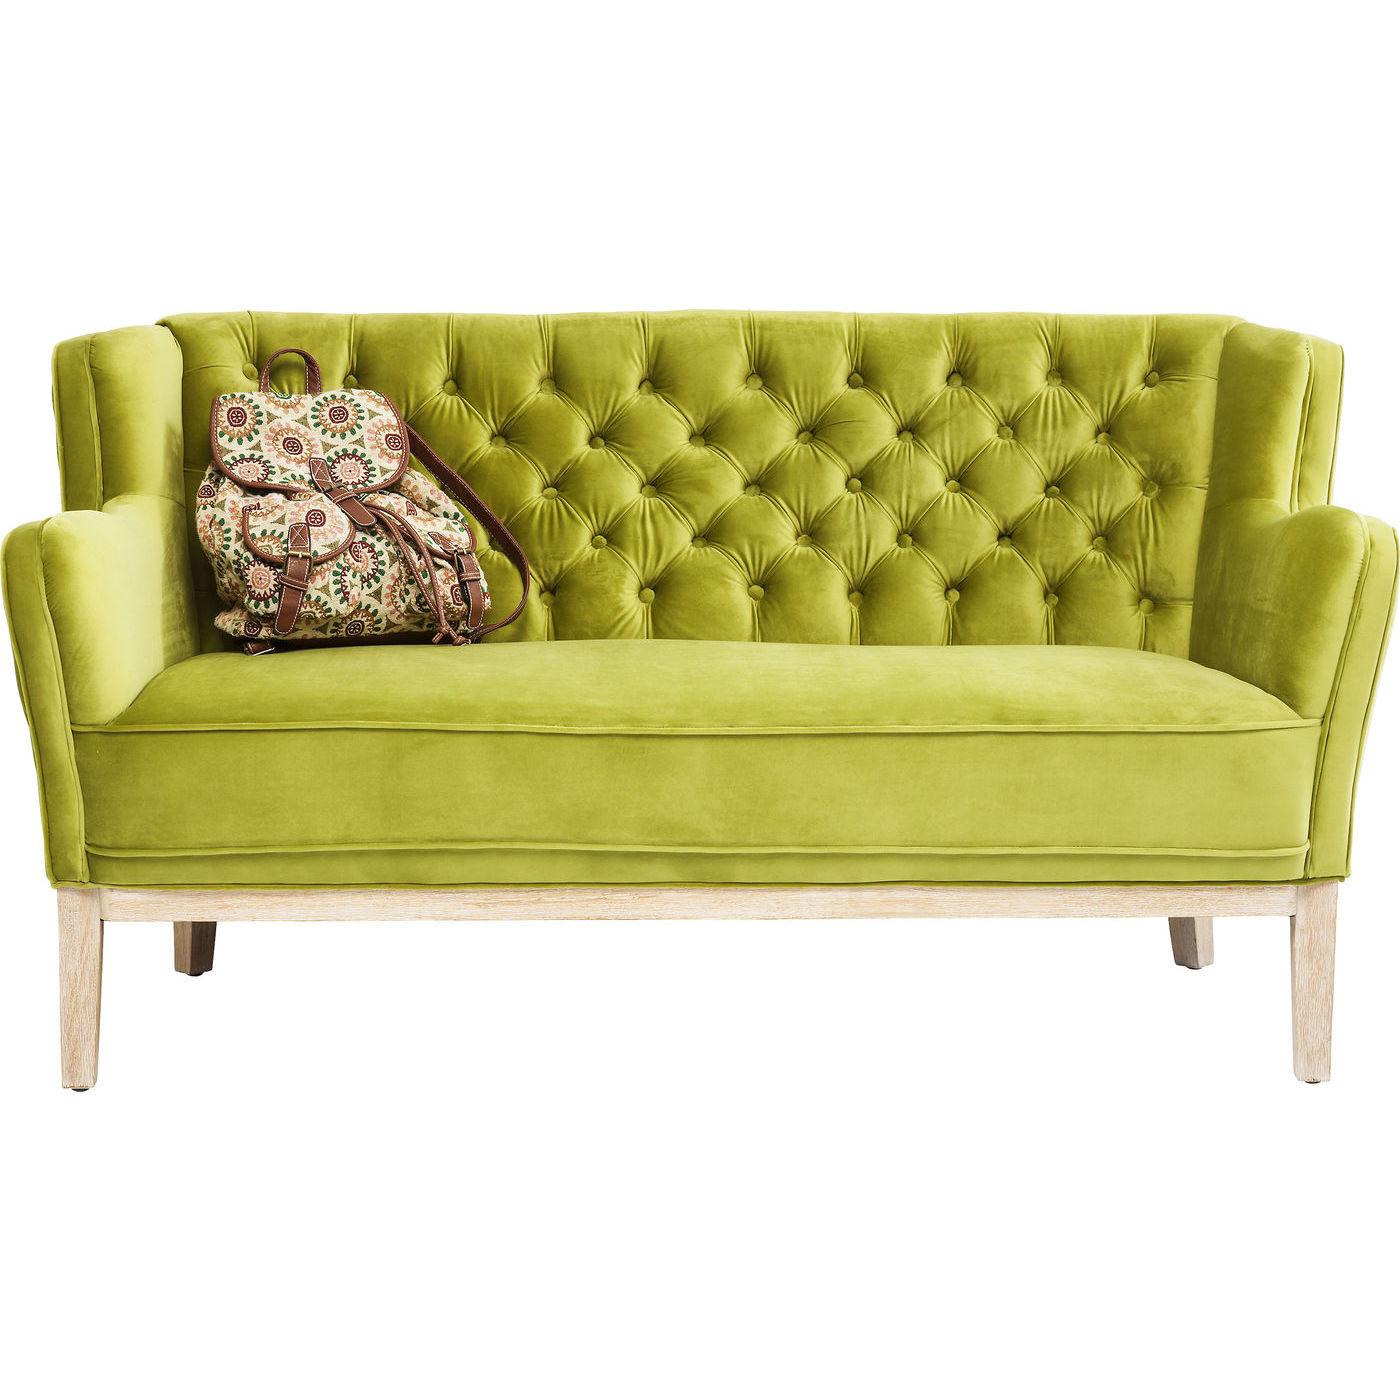 Kare design sofa, coffee shop 2 pers. fra kare design fra boboonline.dk